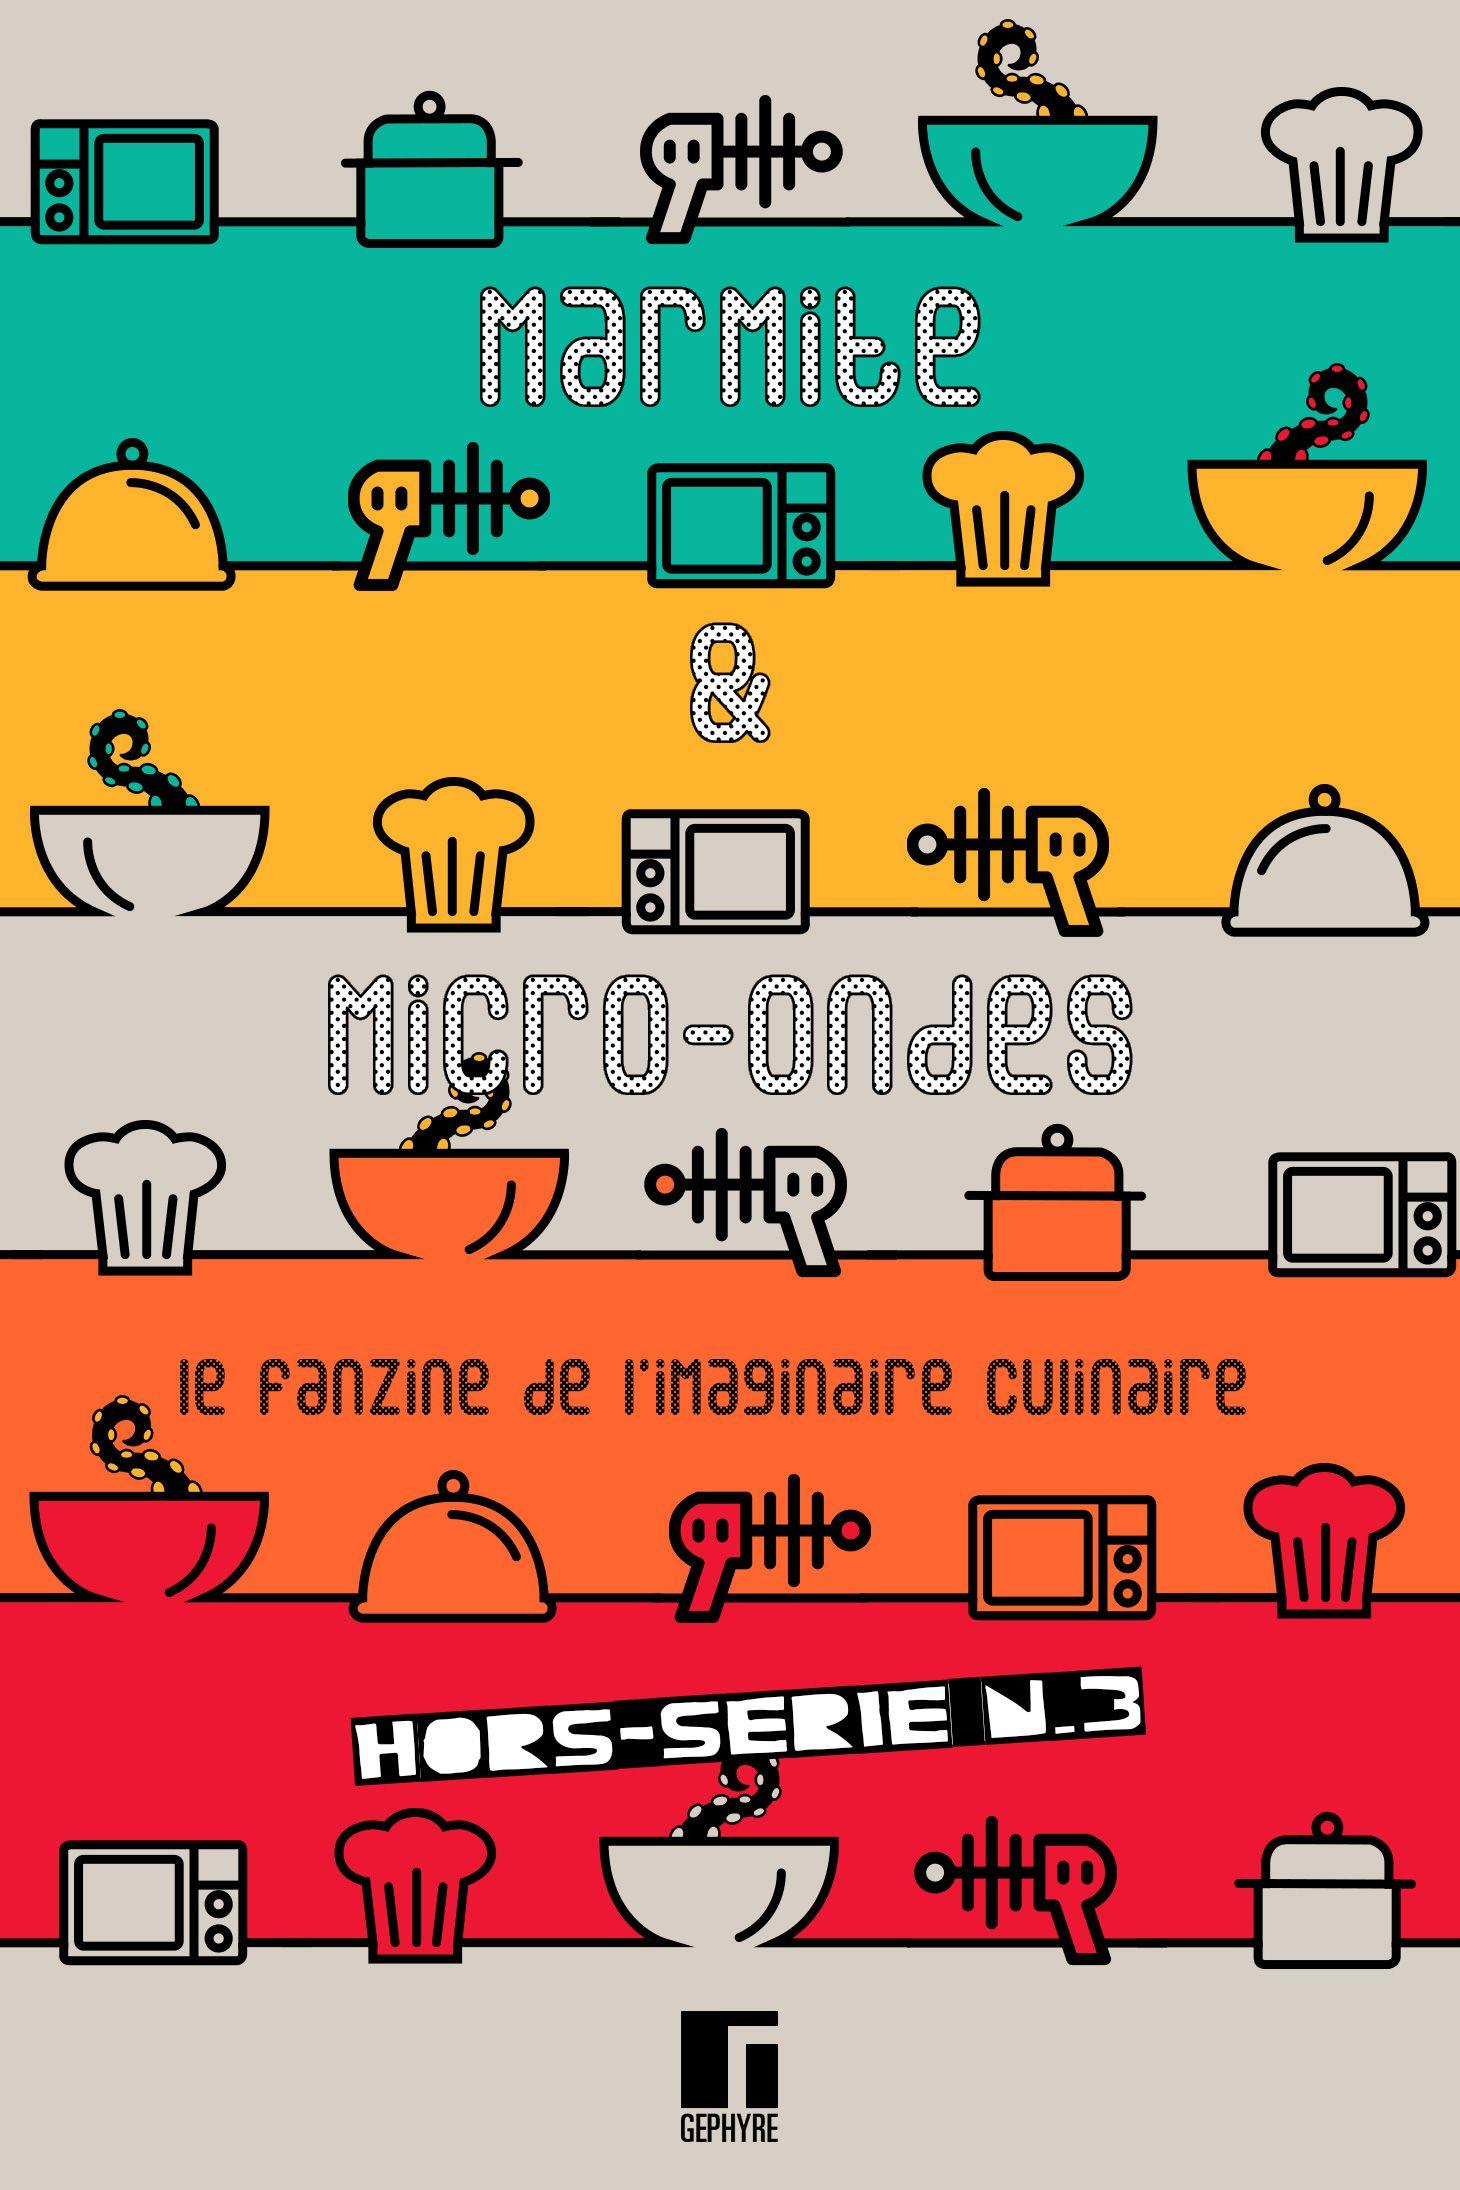 La couverture du Hors Série n°3 (voir plus bas)